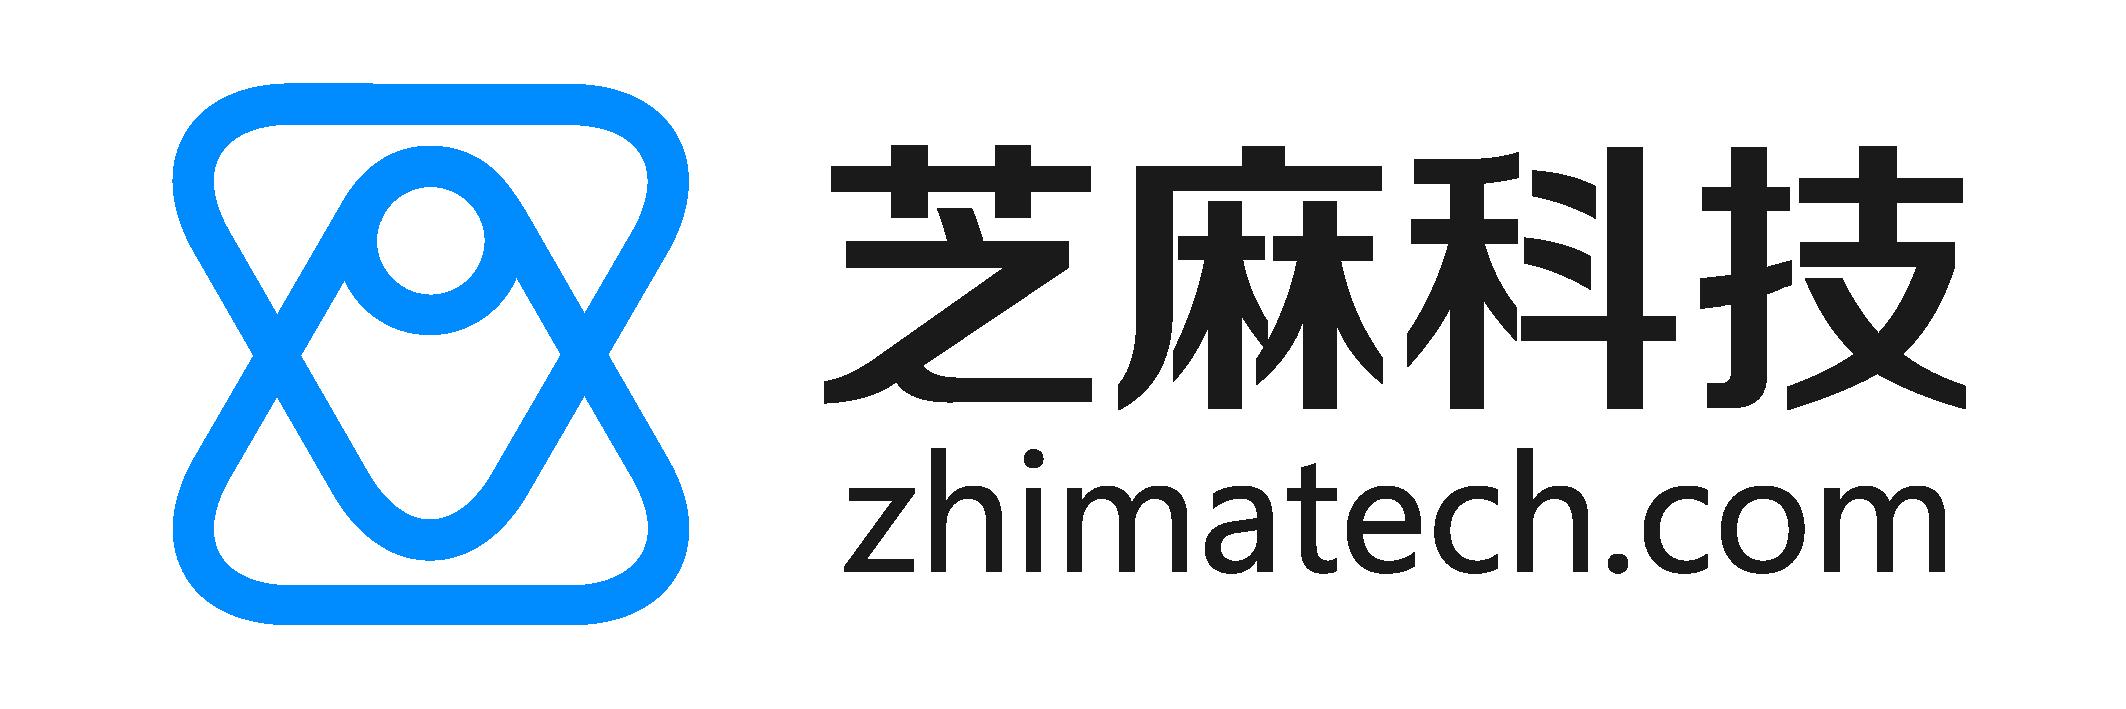 zhimatech-logo